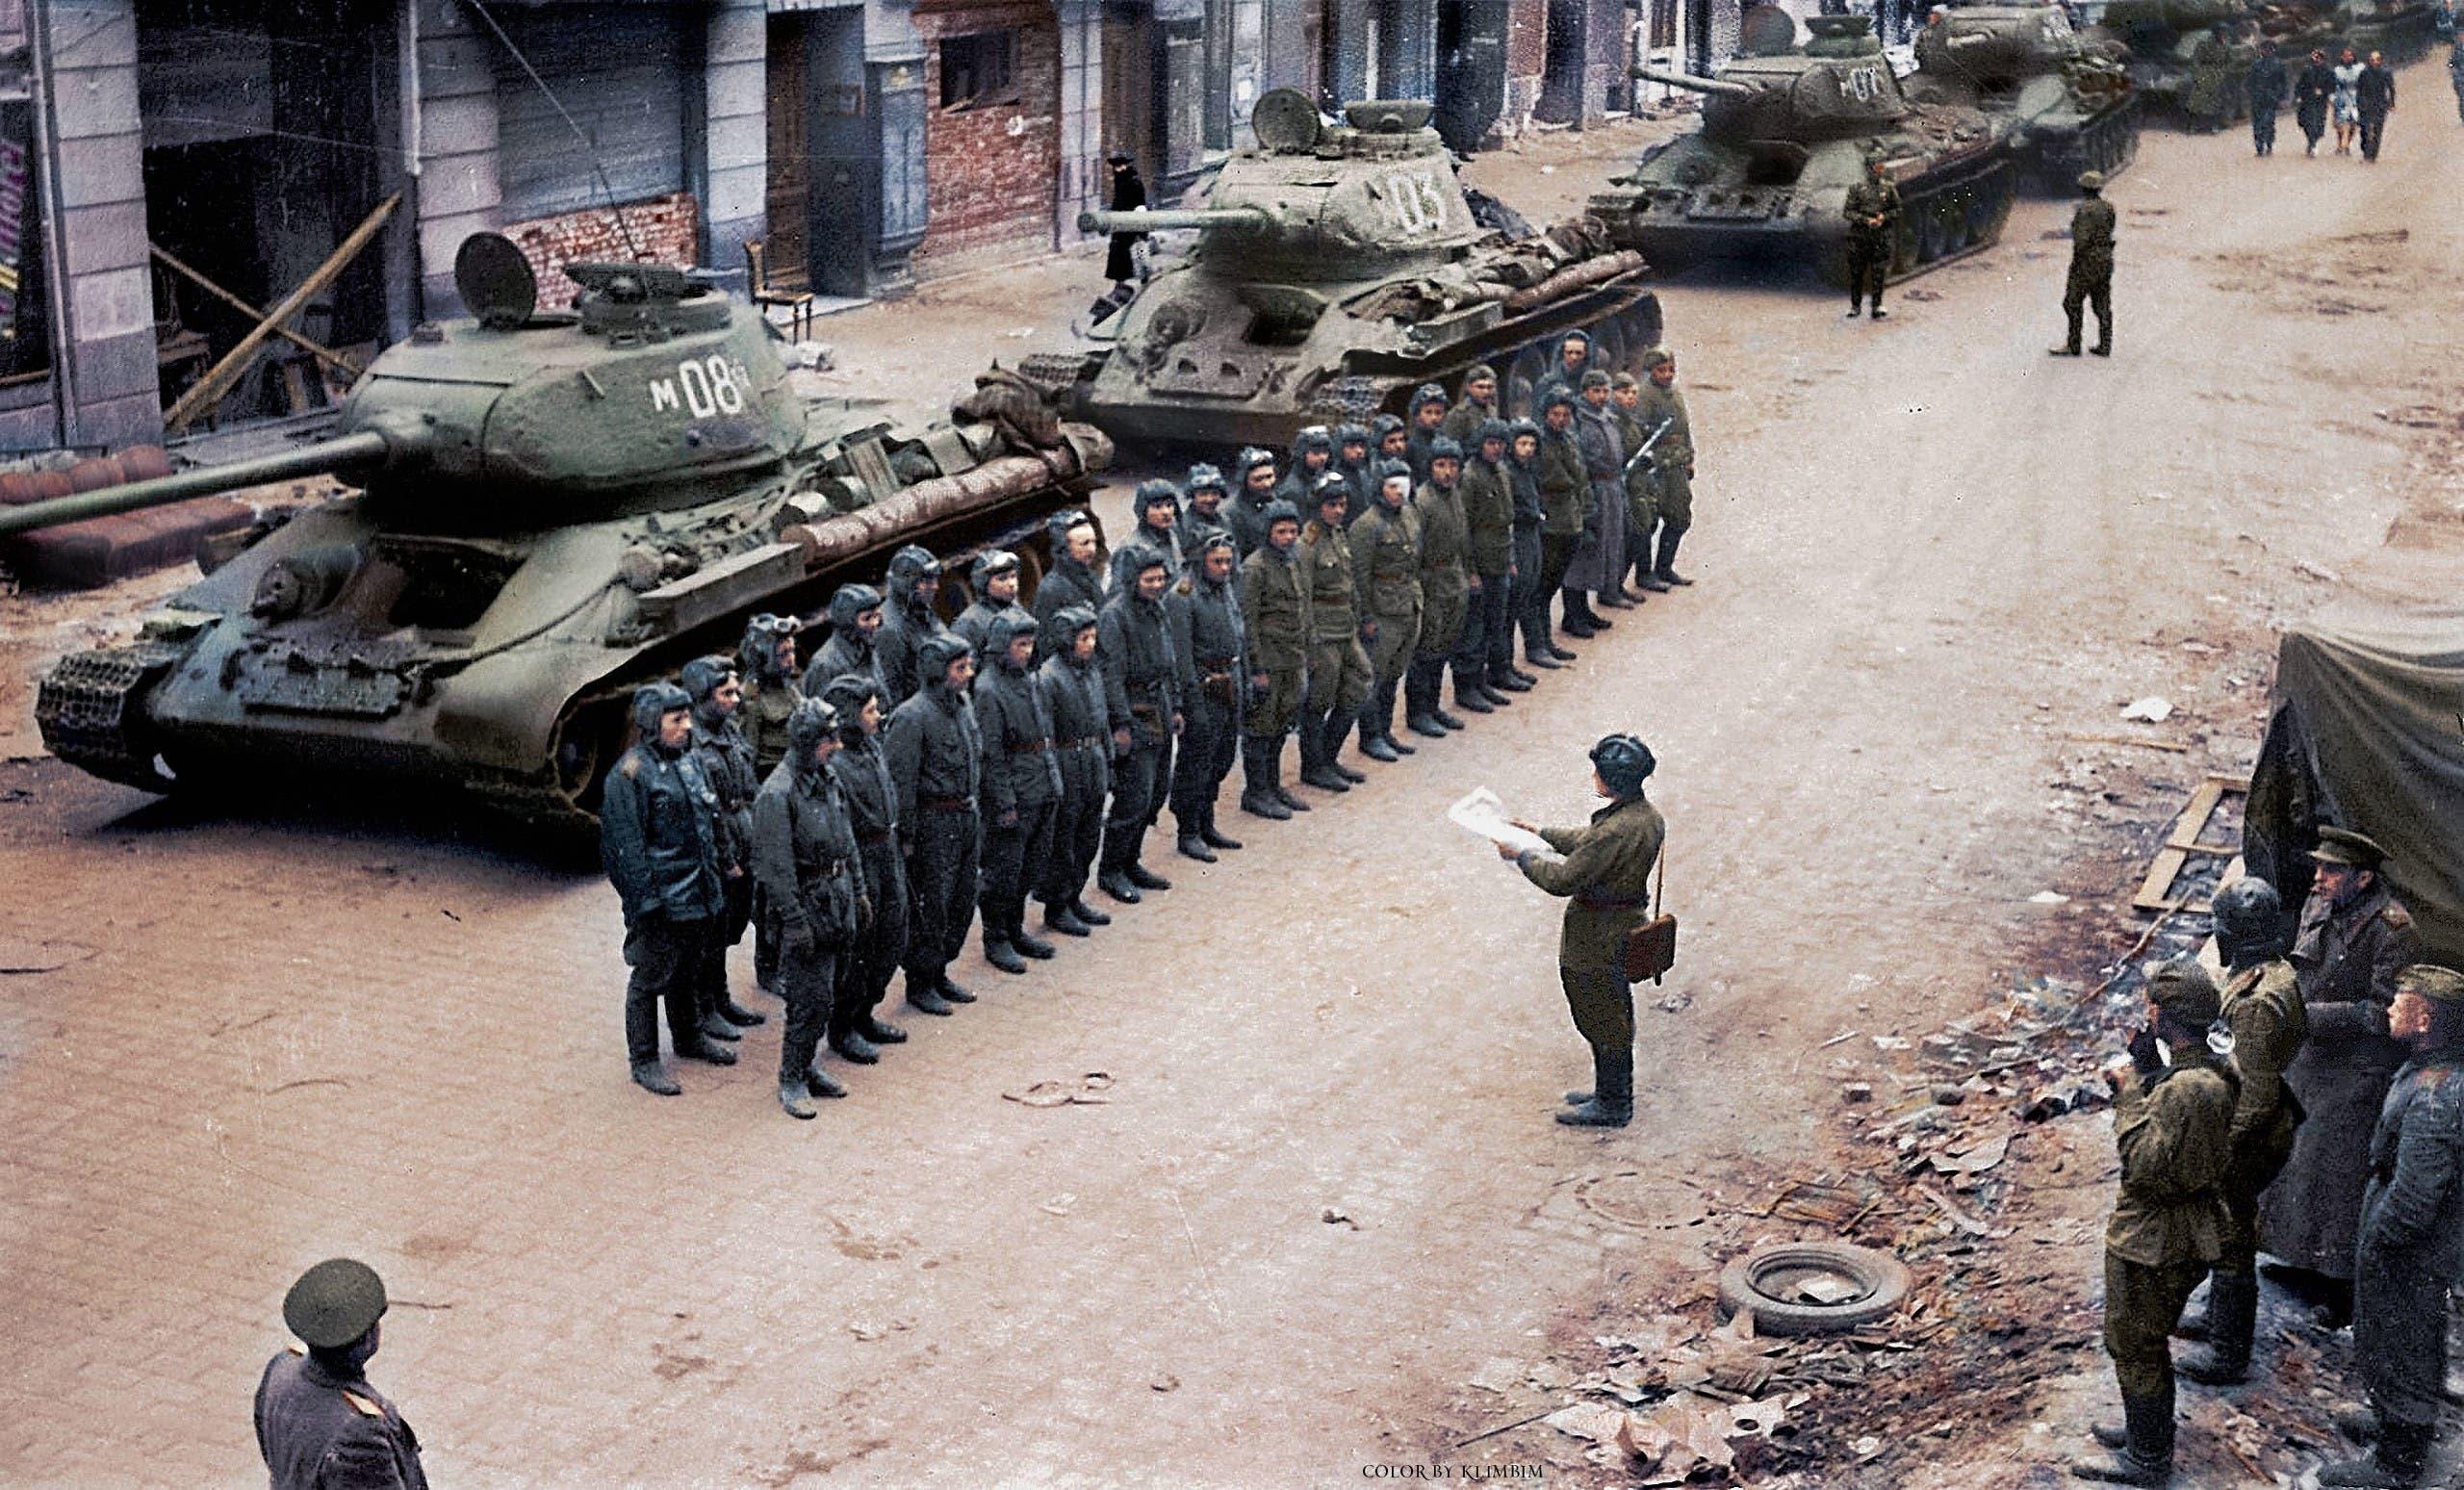 صورة ملونة اعتمادا على التقنيات الحديثة لفرقة مدرعة سوفيتية داخل برلين عام 1945